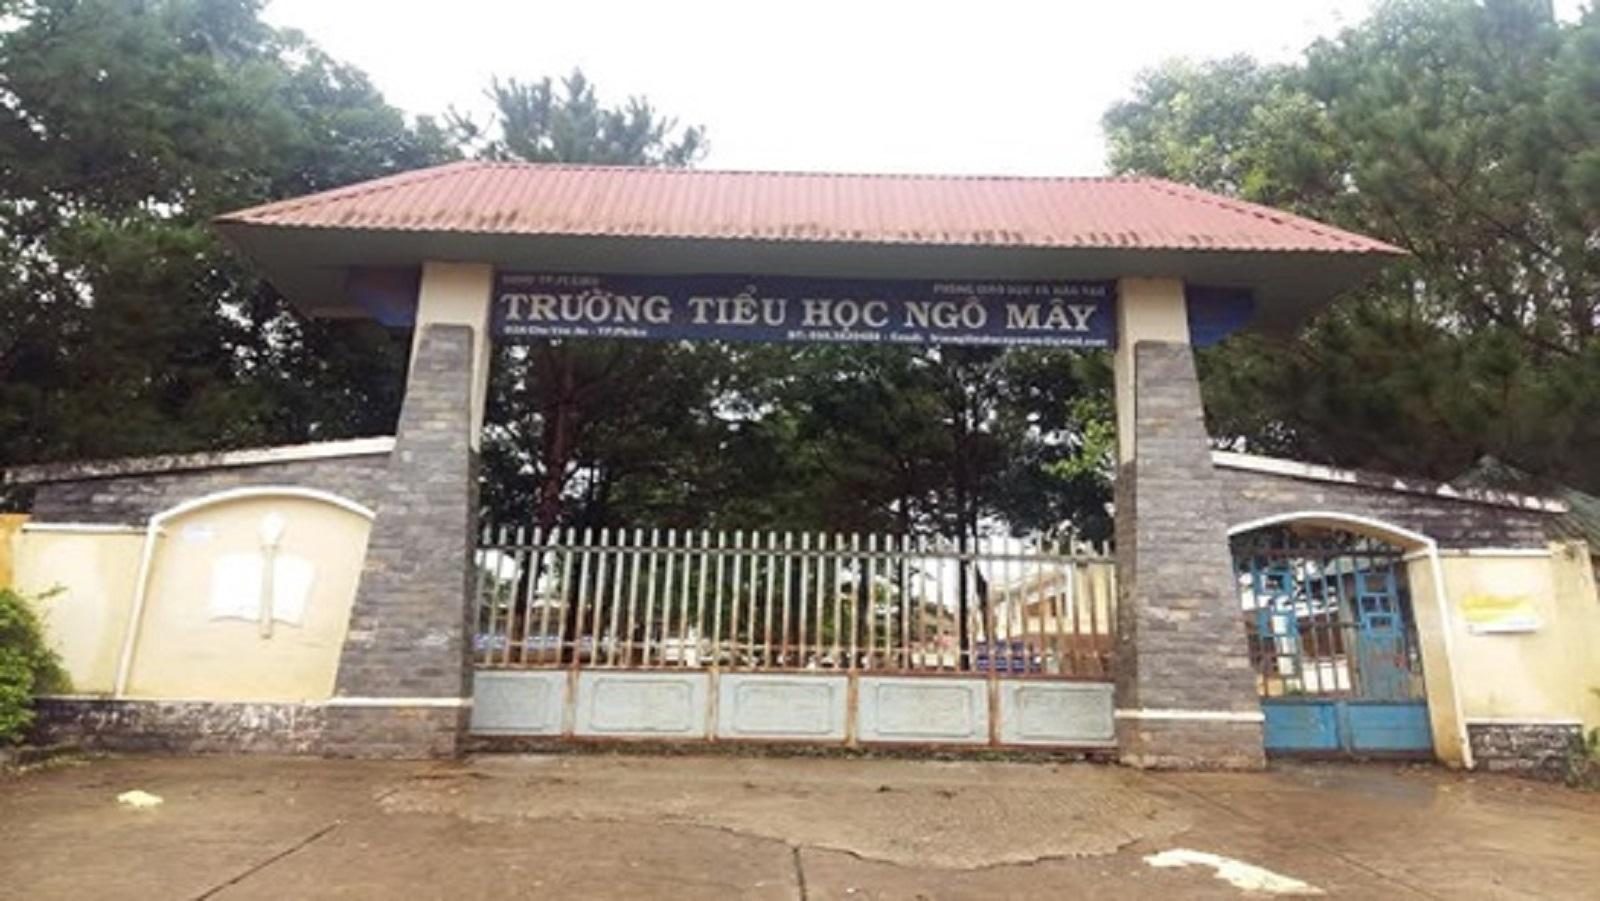 Gia Lai: Trường tiểu học Ngô Mây sai phạm liên tiếp, Ban giám hiệu rút kinh nghiệm!?